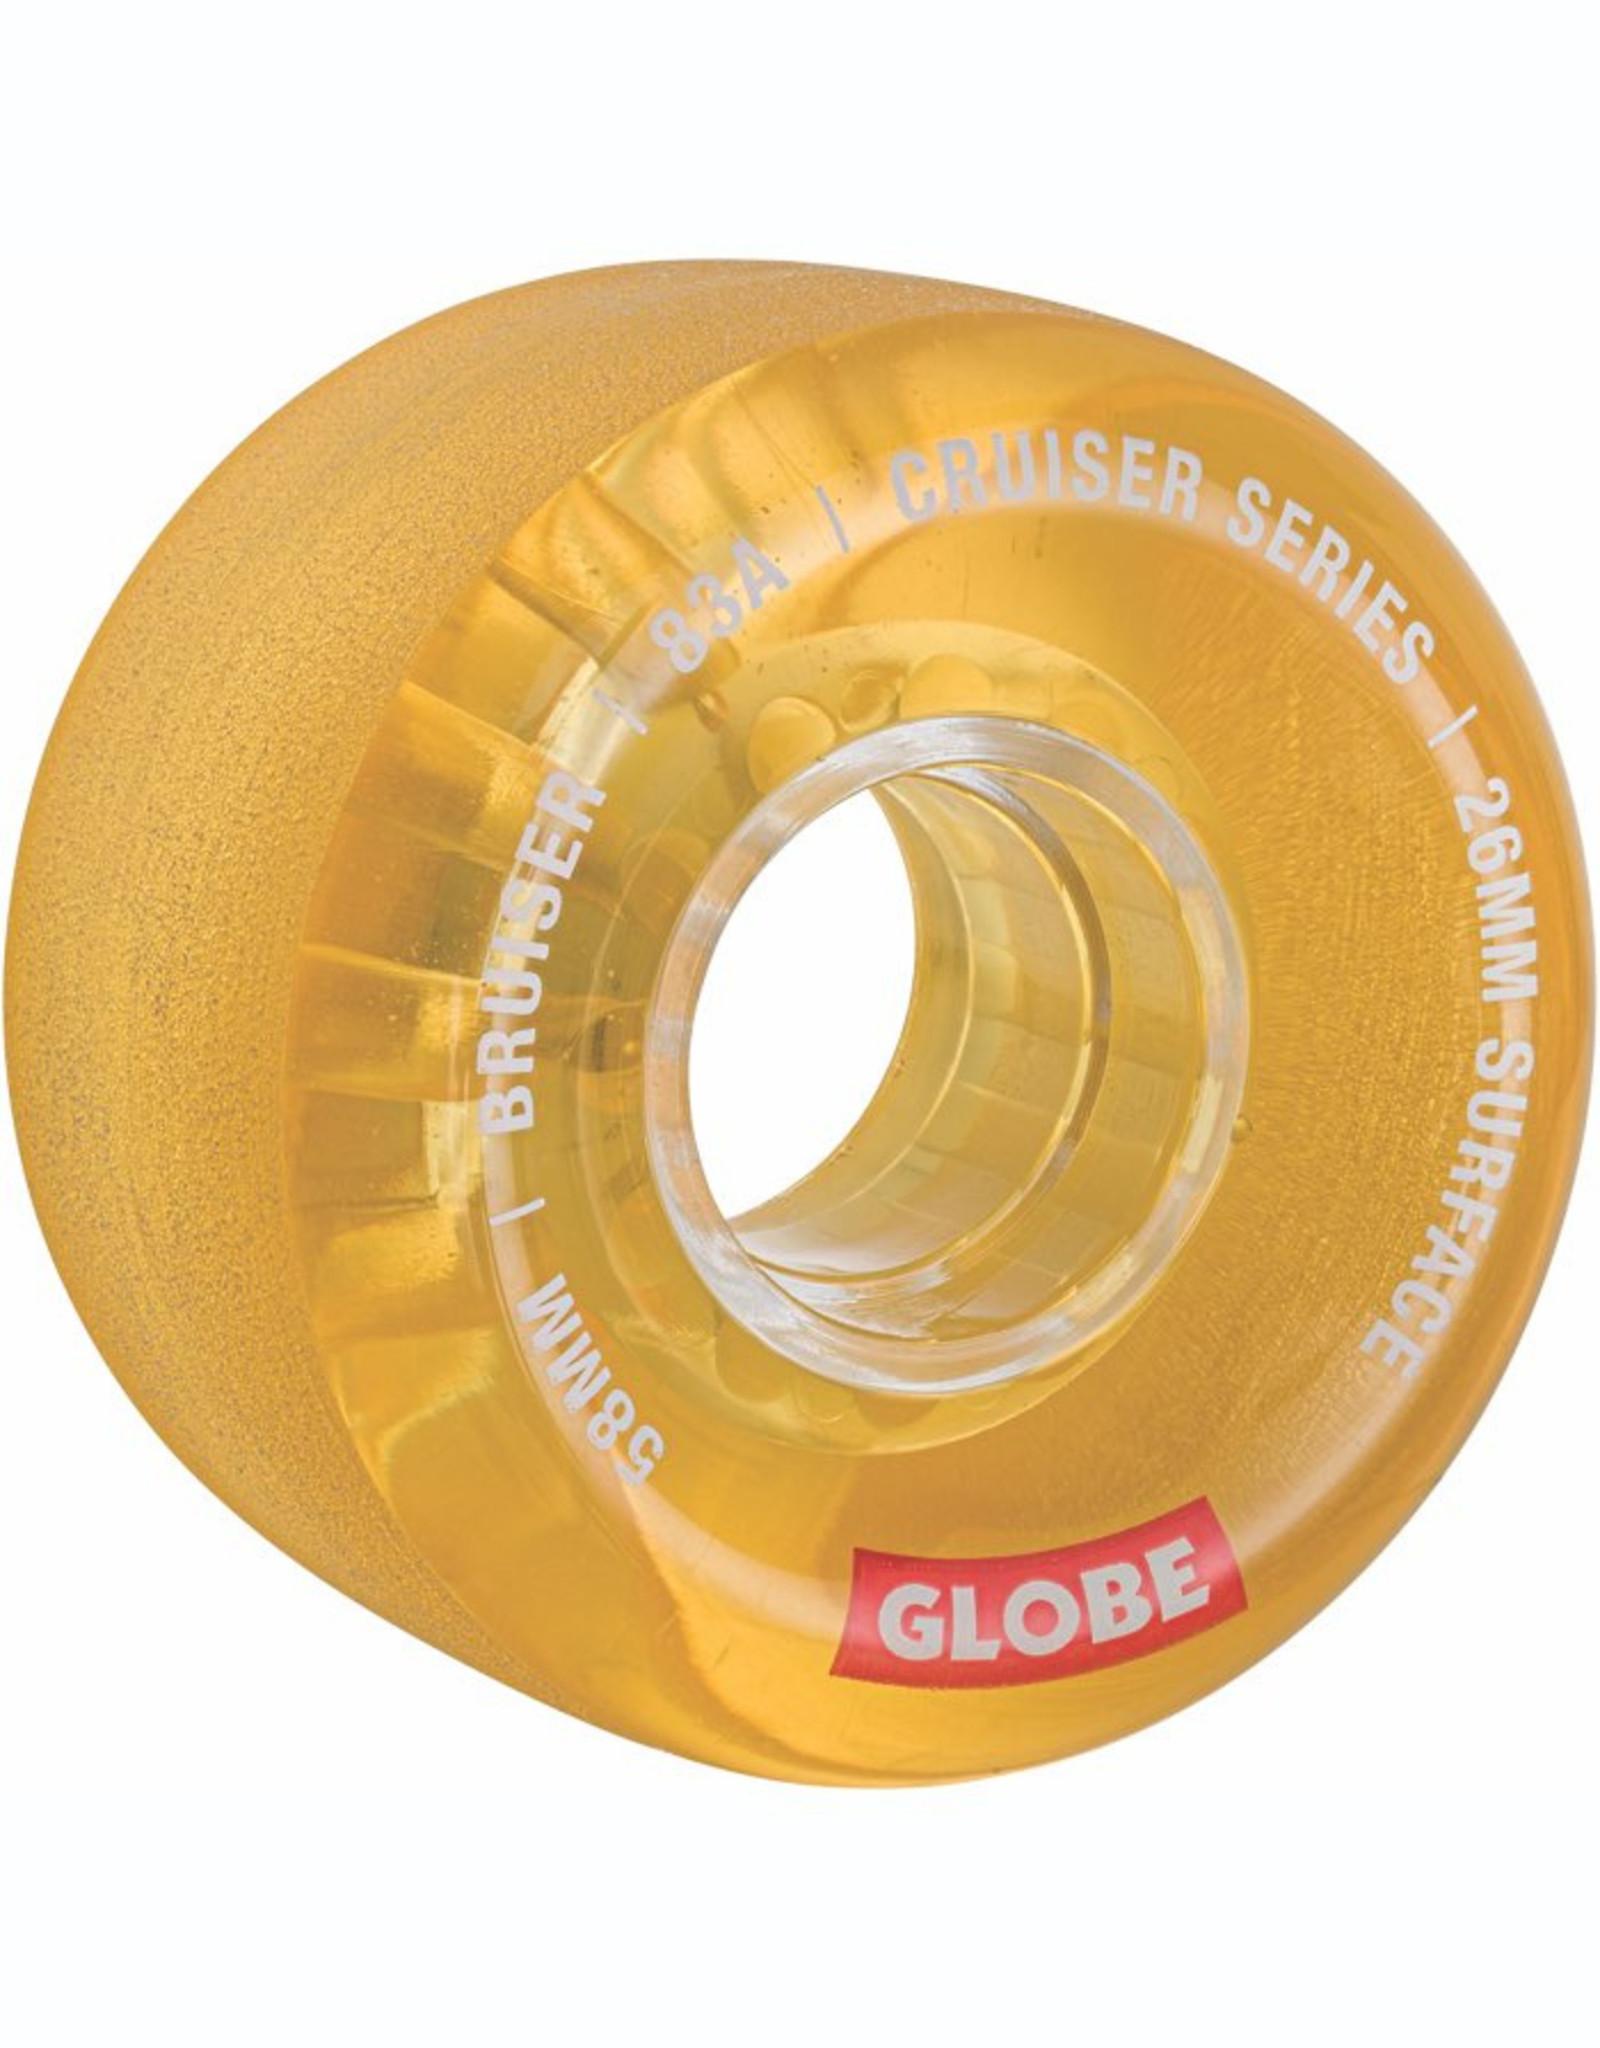 Globe GLOBE BRUISER CLEAR HONEY 58MM